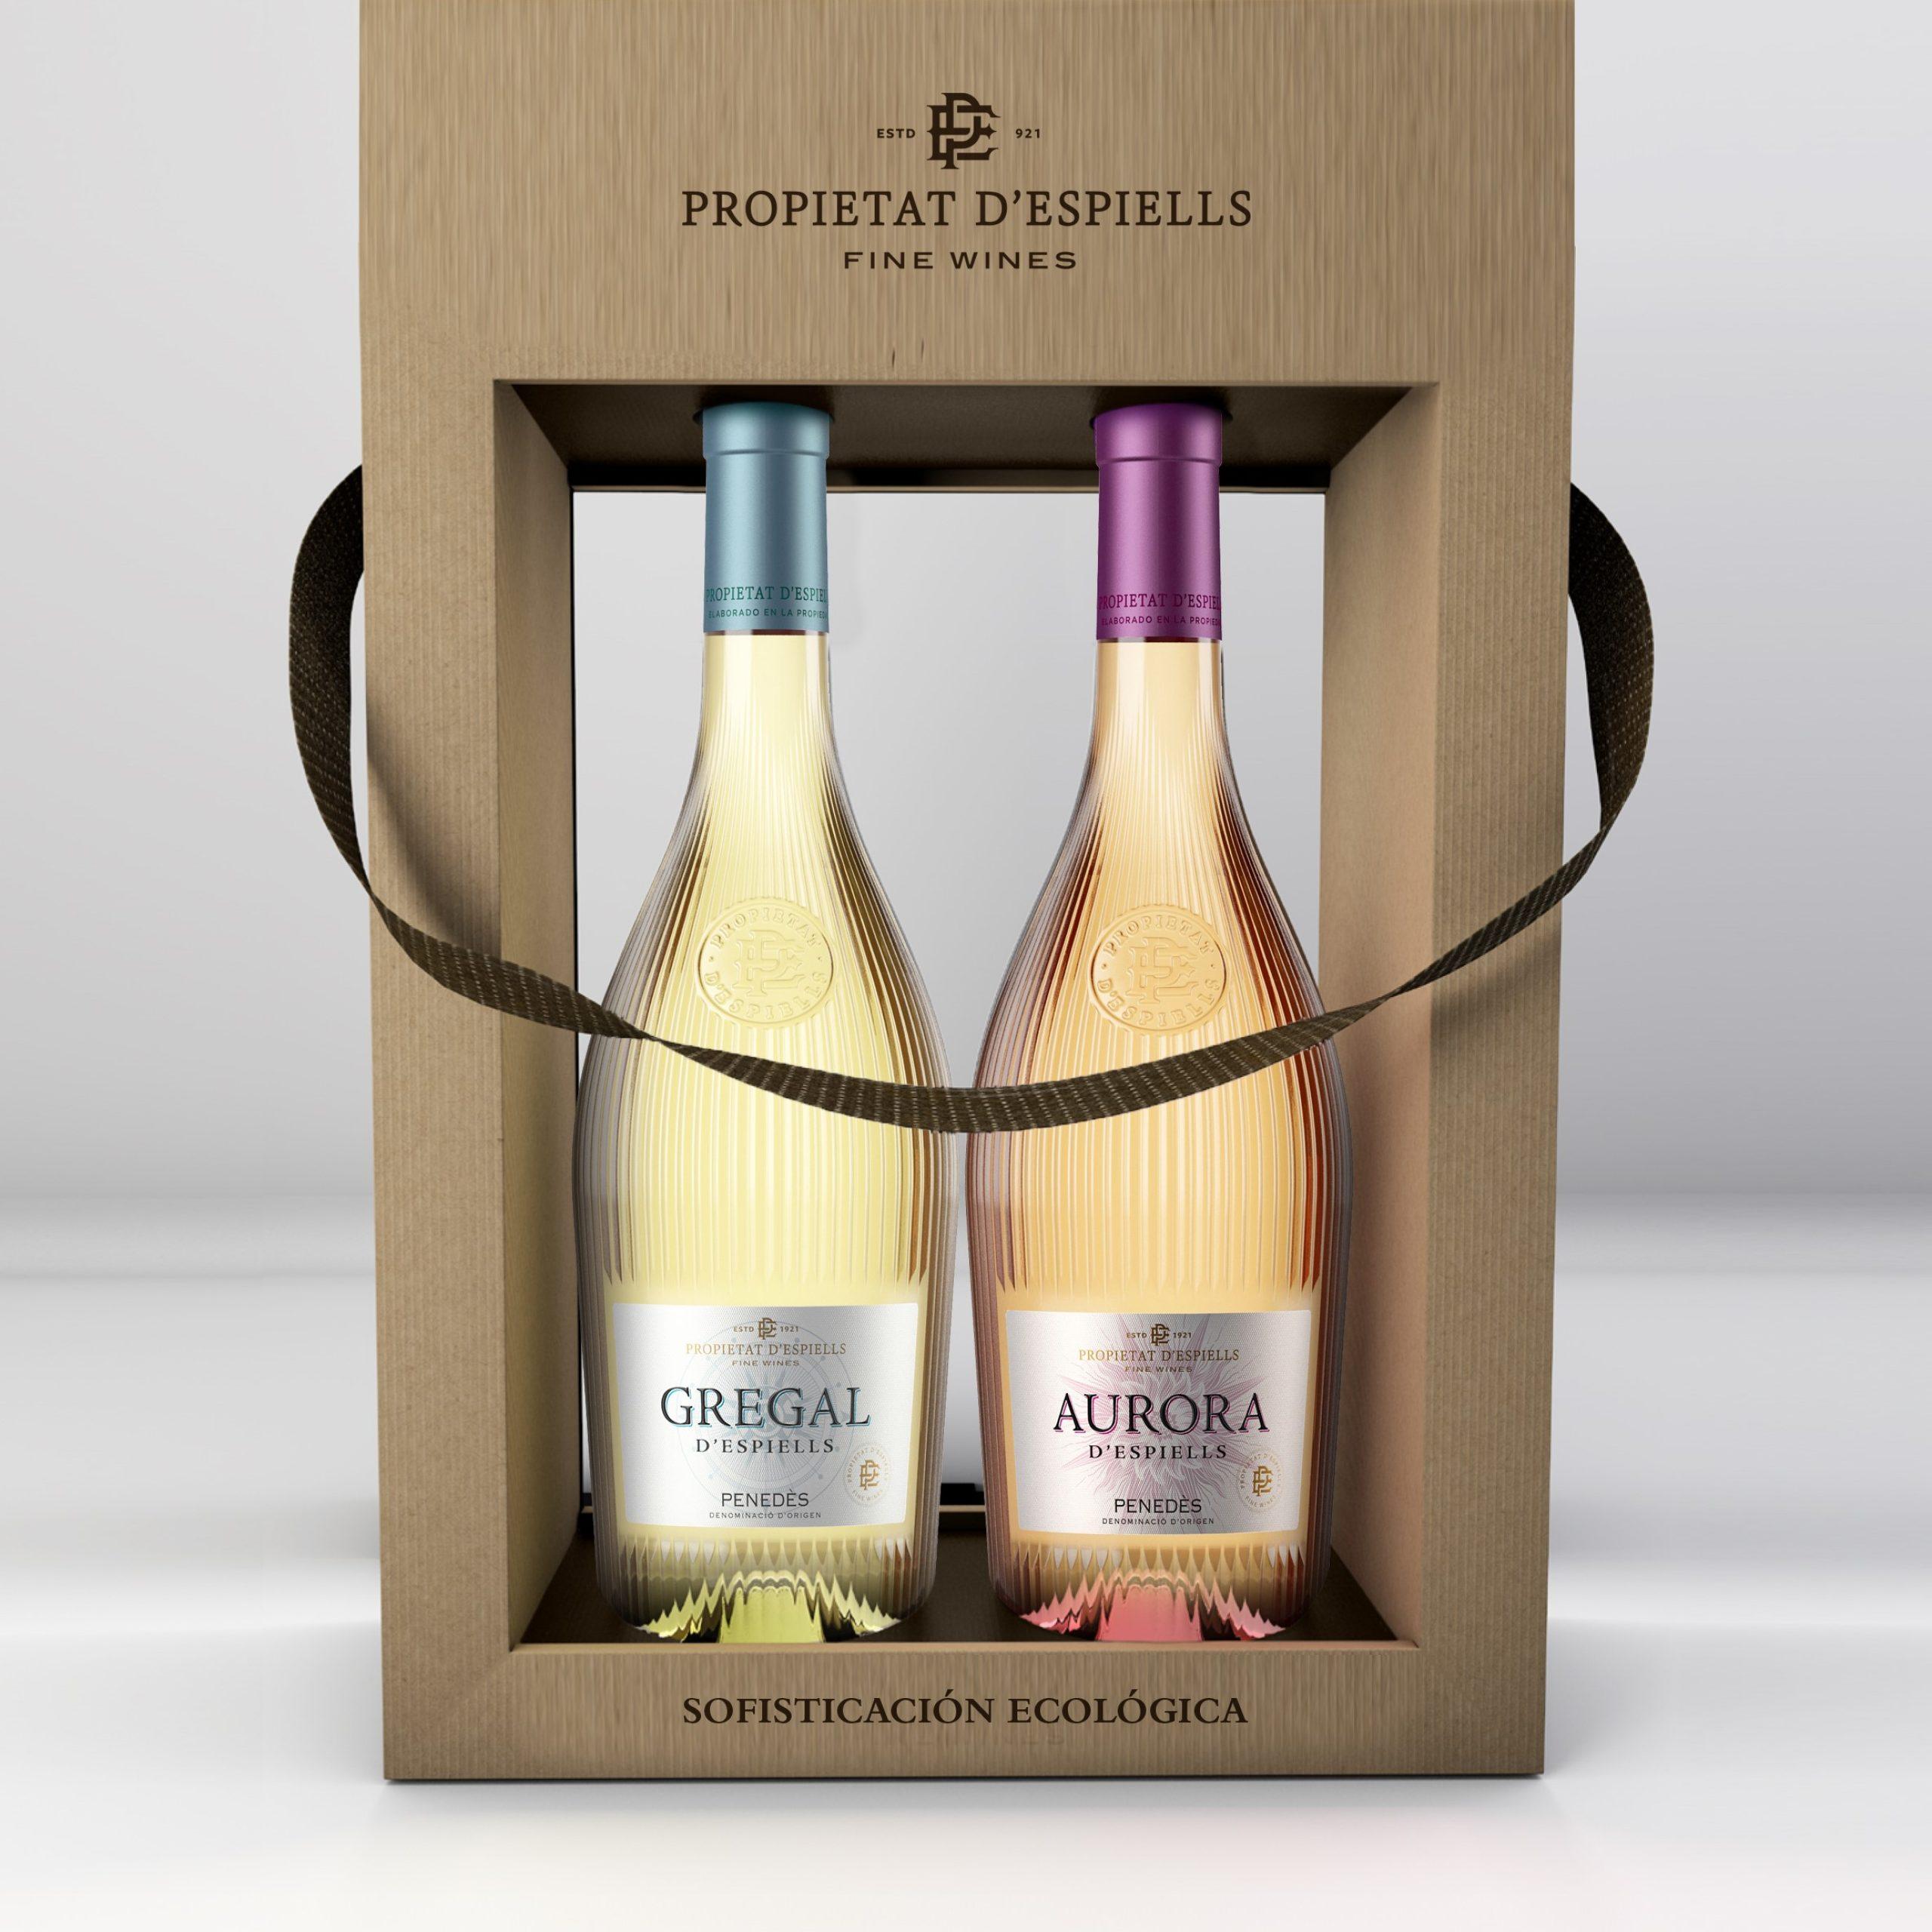 pack vins propietat despiells penedes